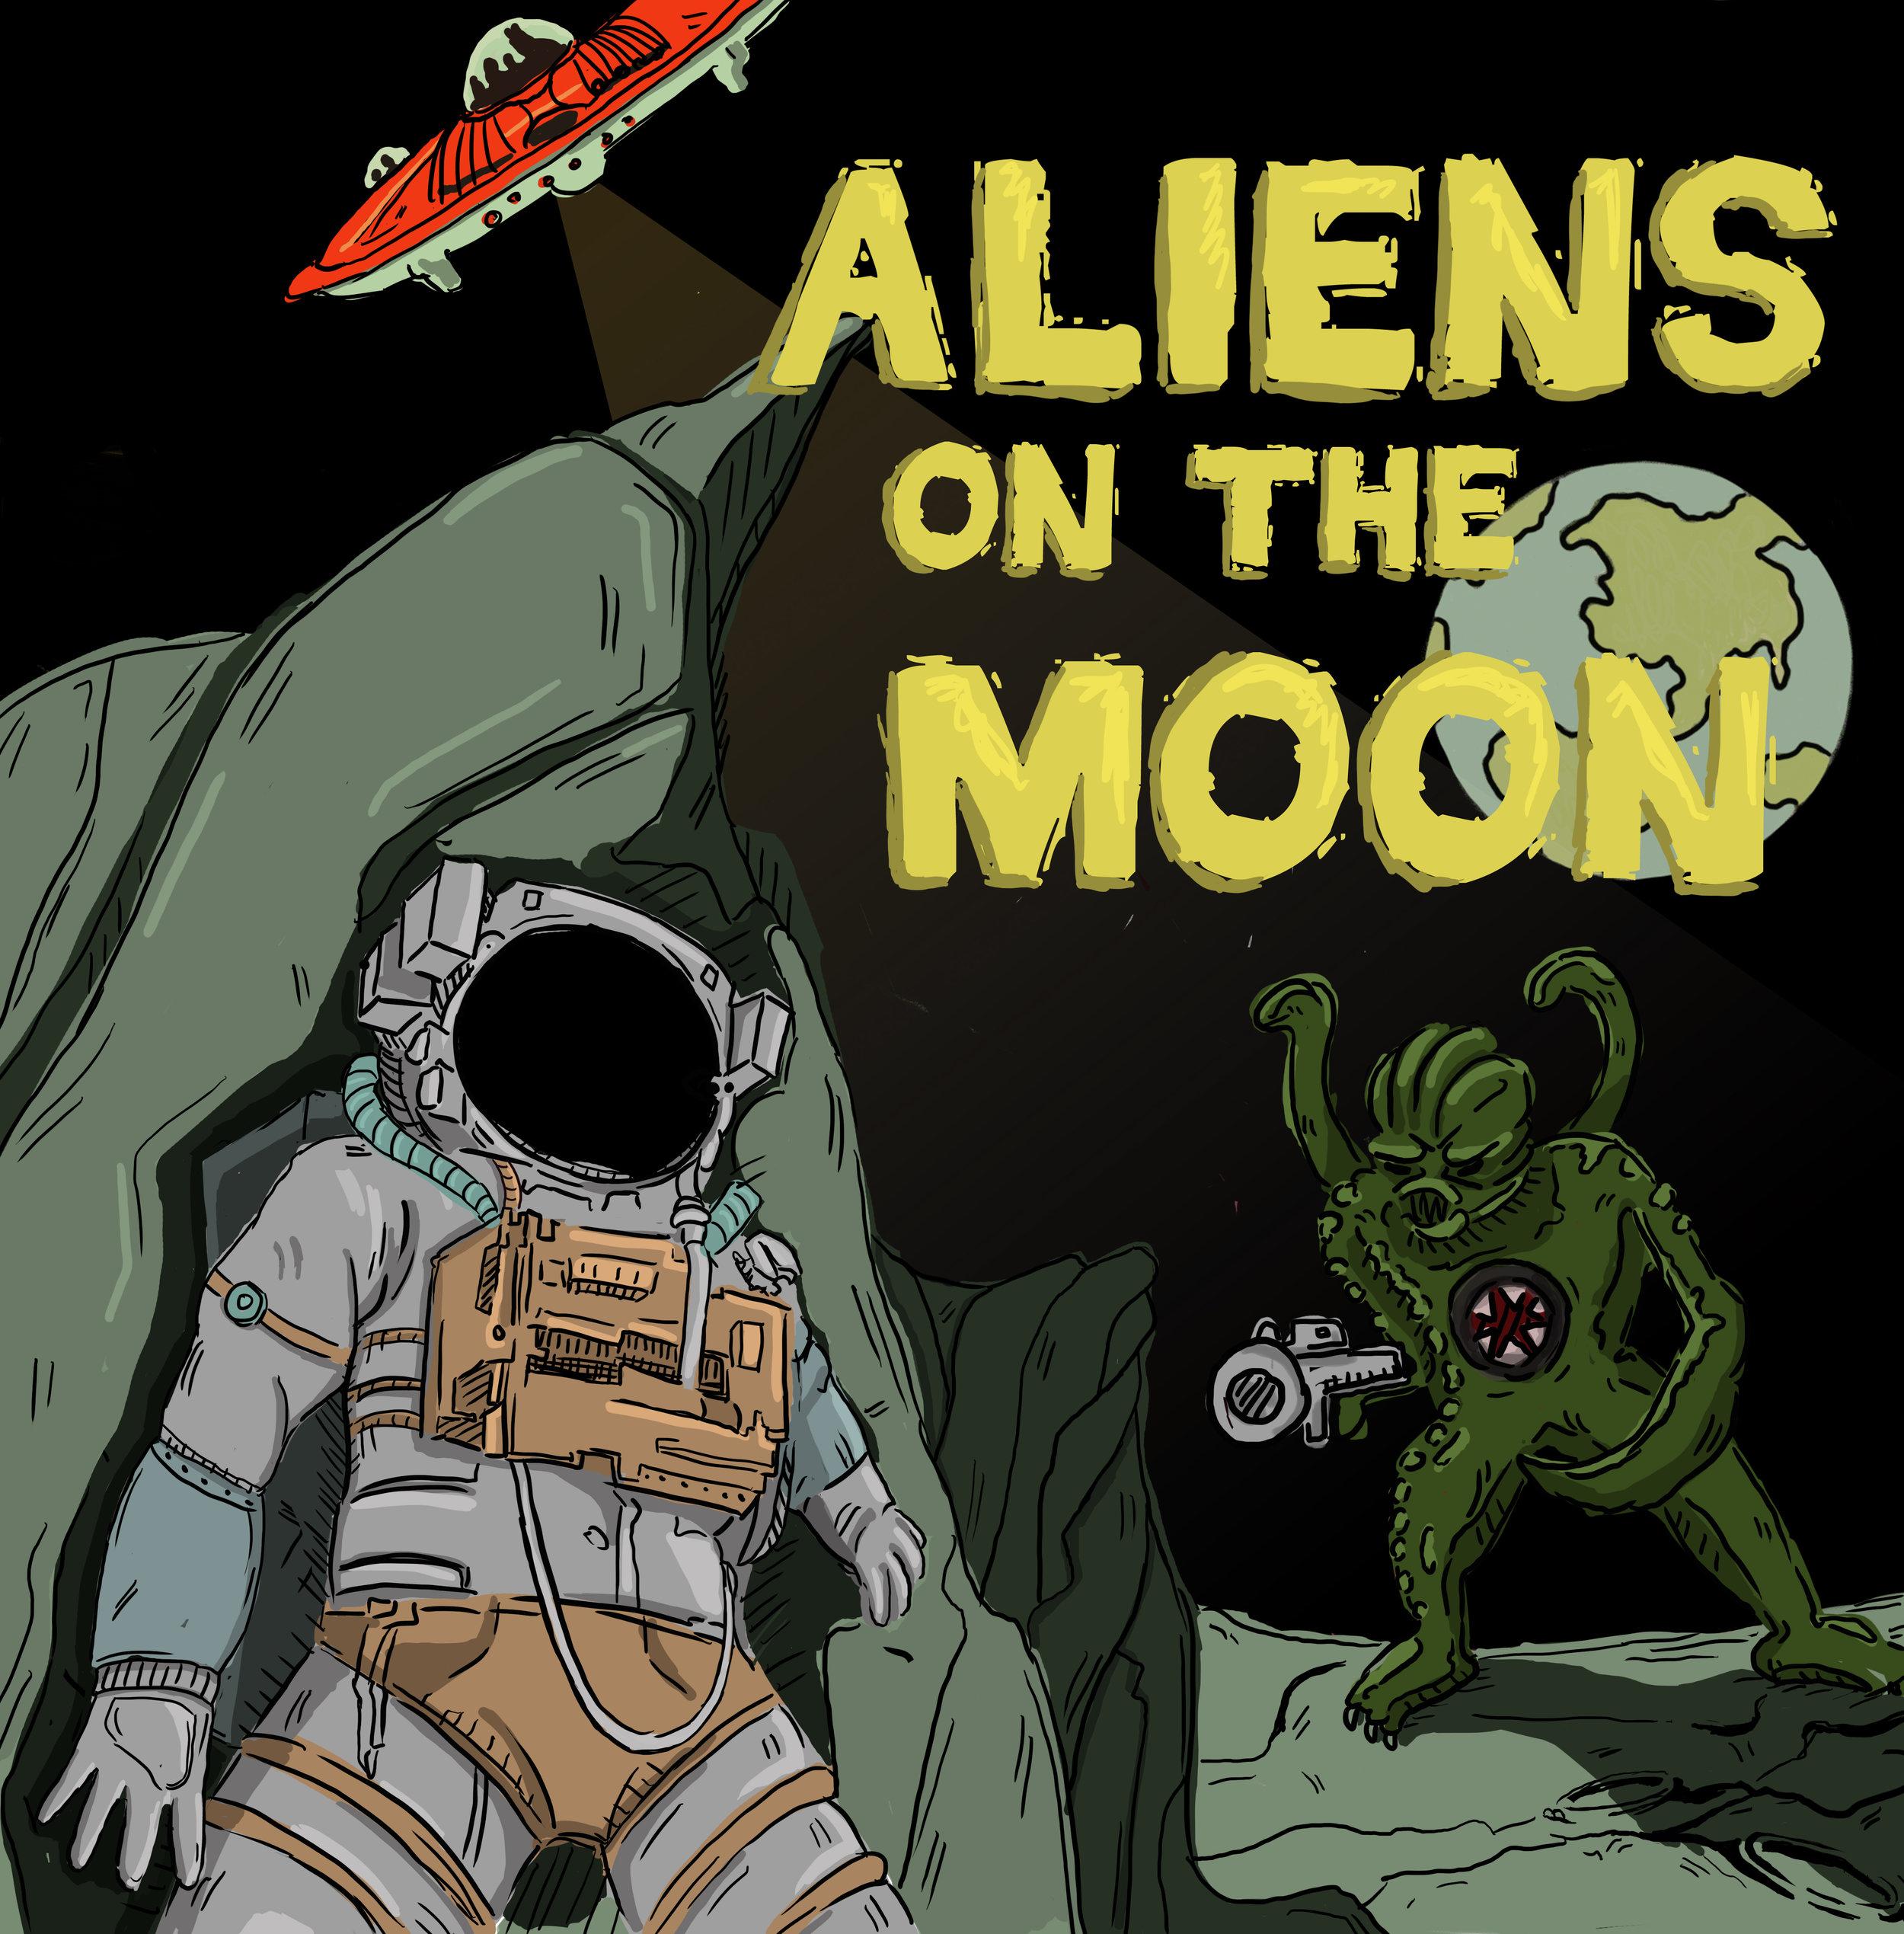 Aliens on the moon.jpg